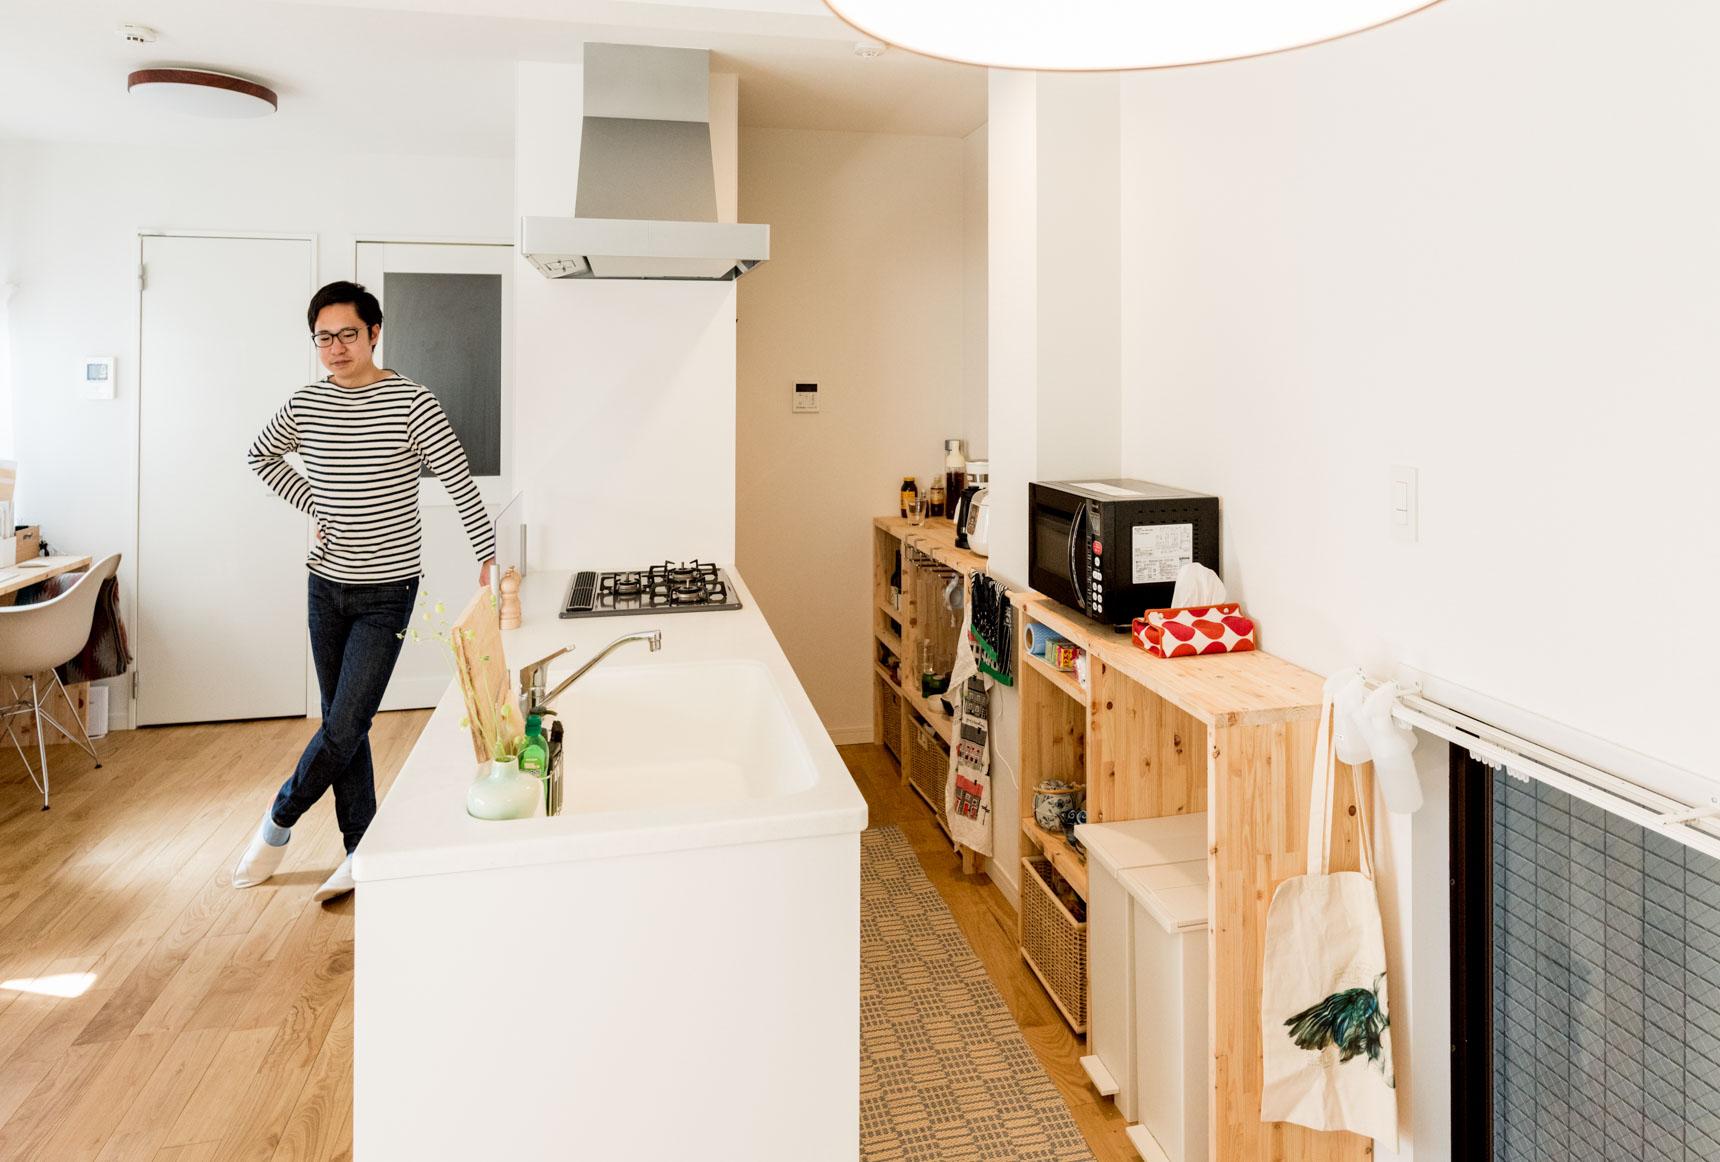 背の低いキッチンの棚は自作。手持ちのモノに合わせて作られているので、無駄がない。